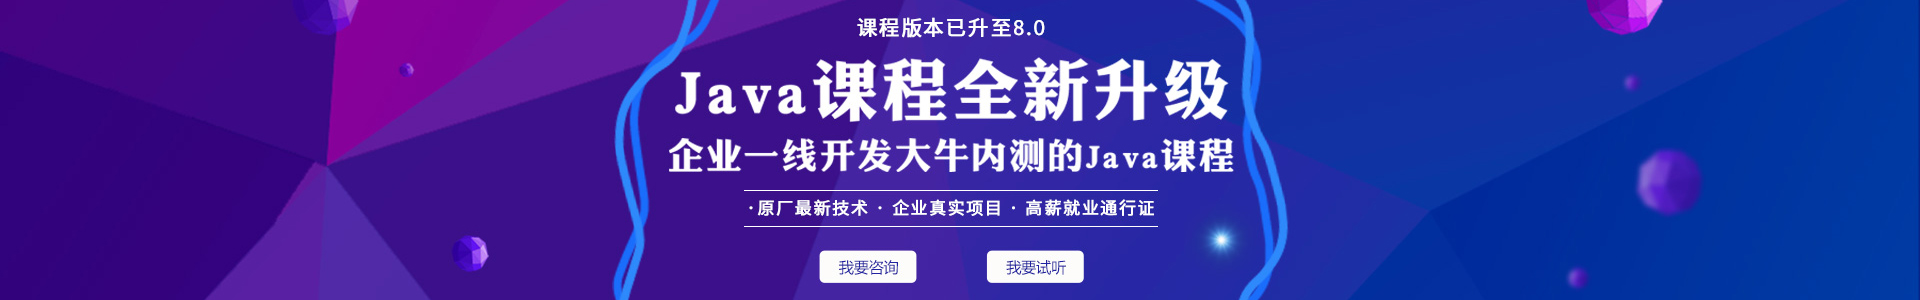 南昌甲骨文IT培训学校